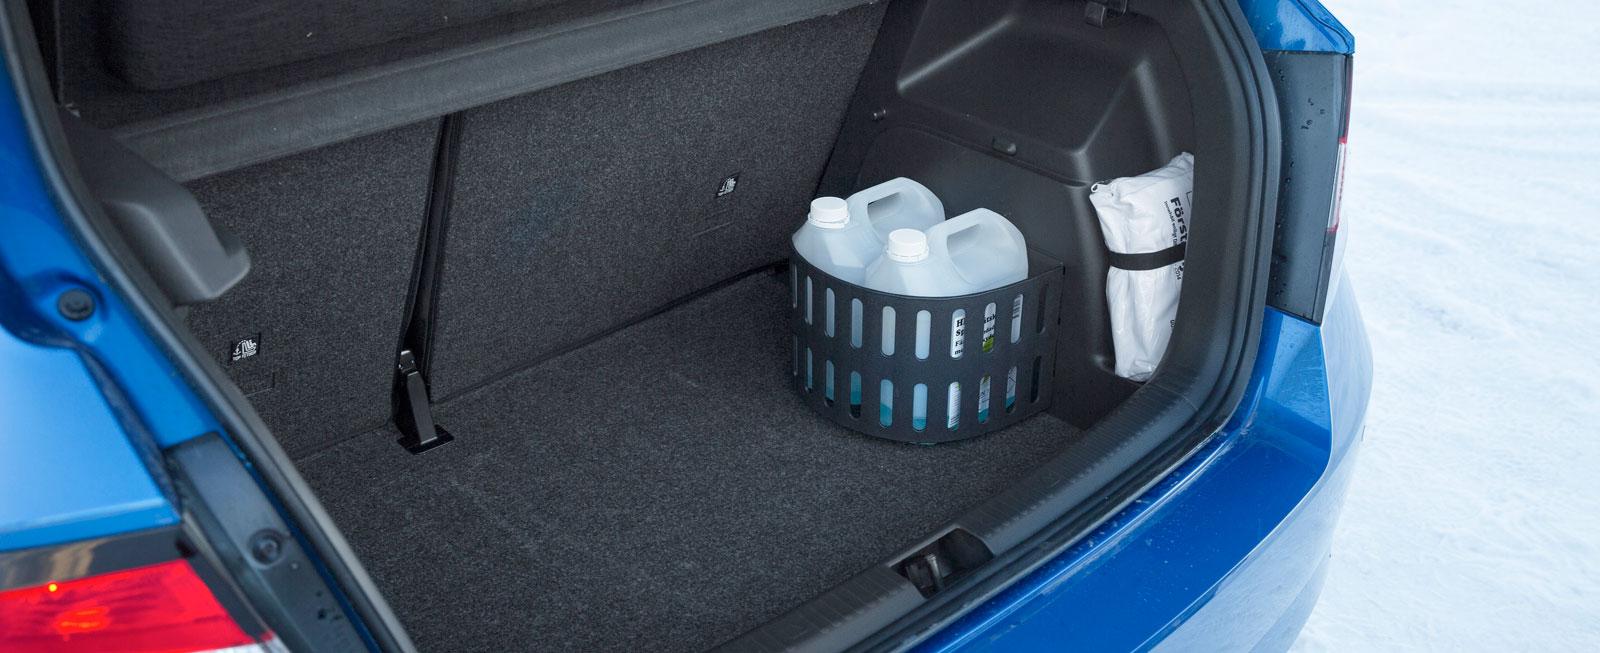 Skoda har det mest användbara och praktiska bagageutrymmet. Lasten kan enkelt avdelas och hållas på plats med ett finurlig och flyttbart plastgaller.